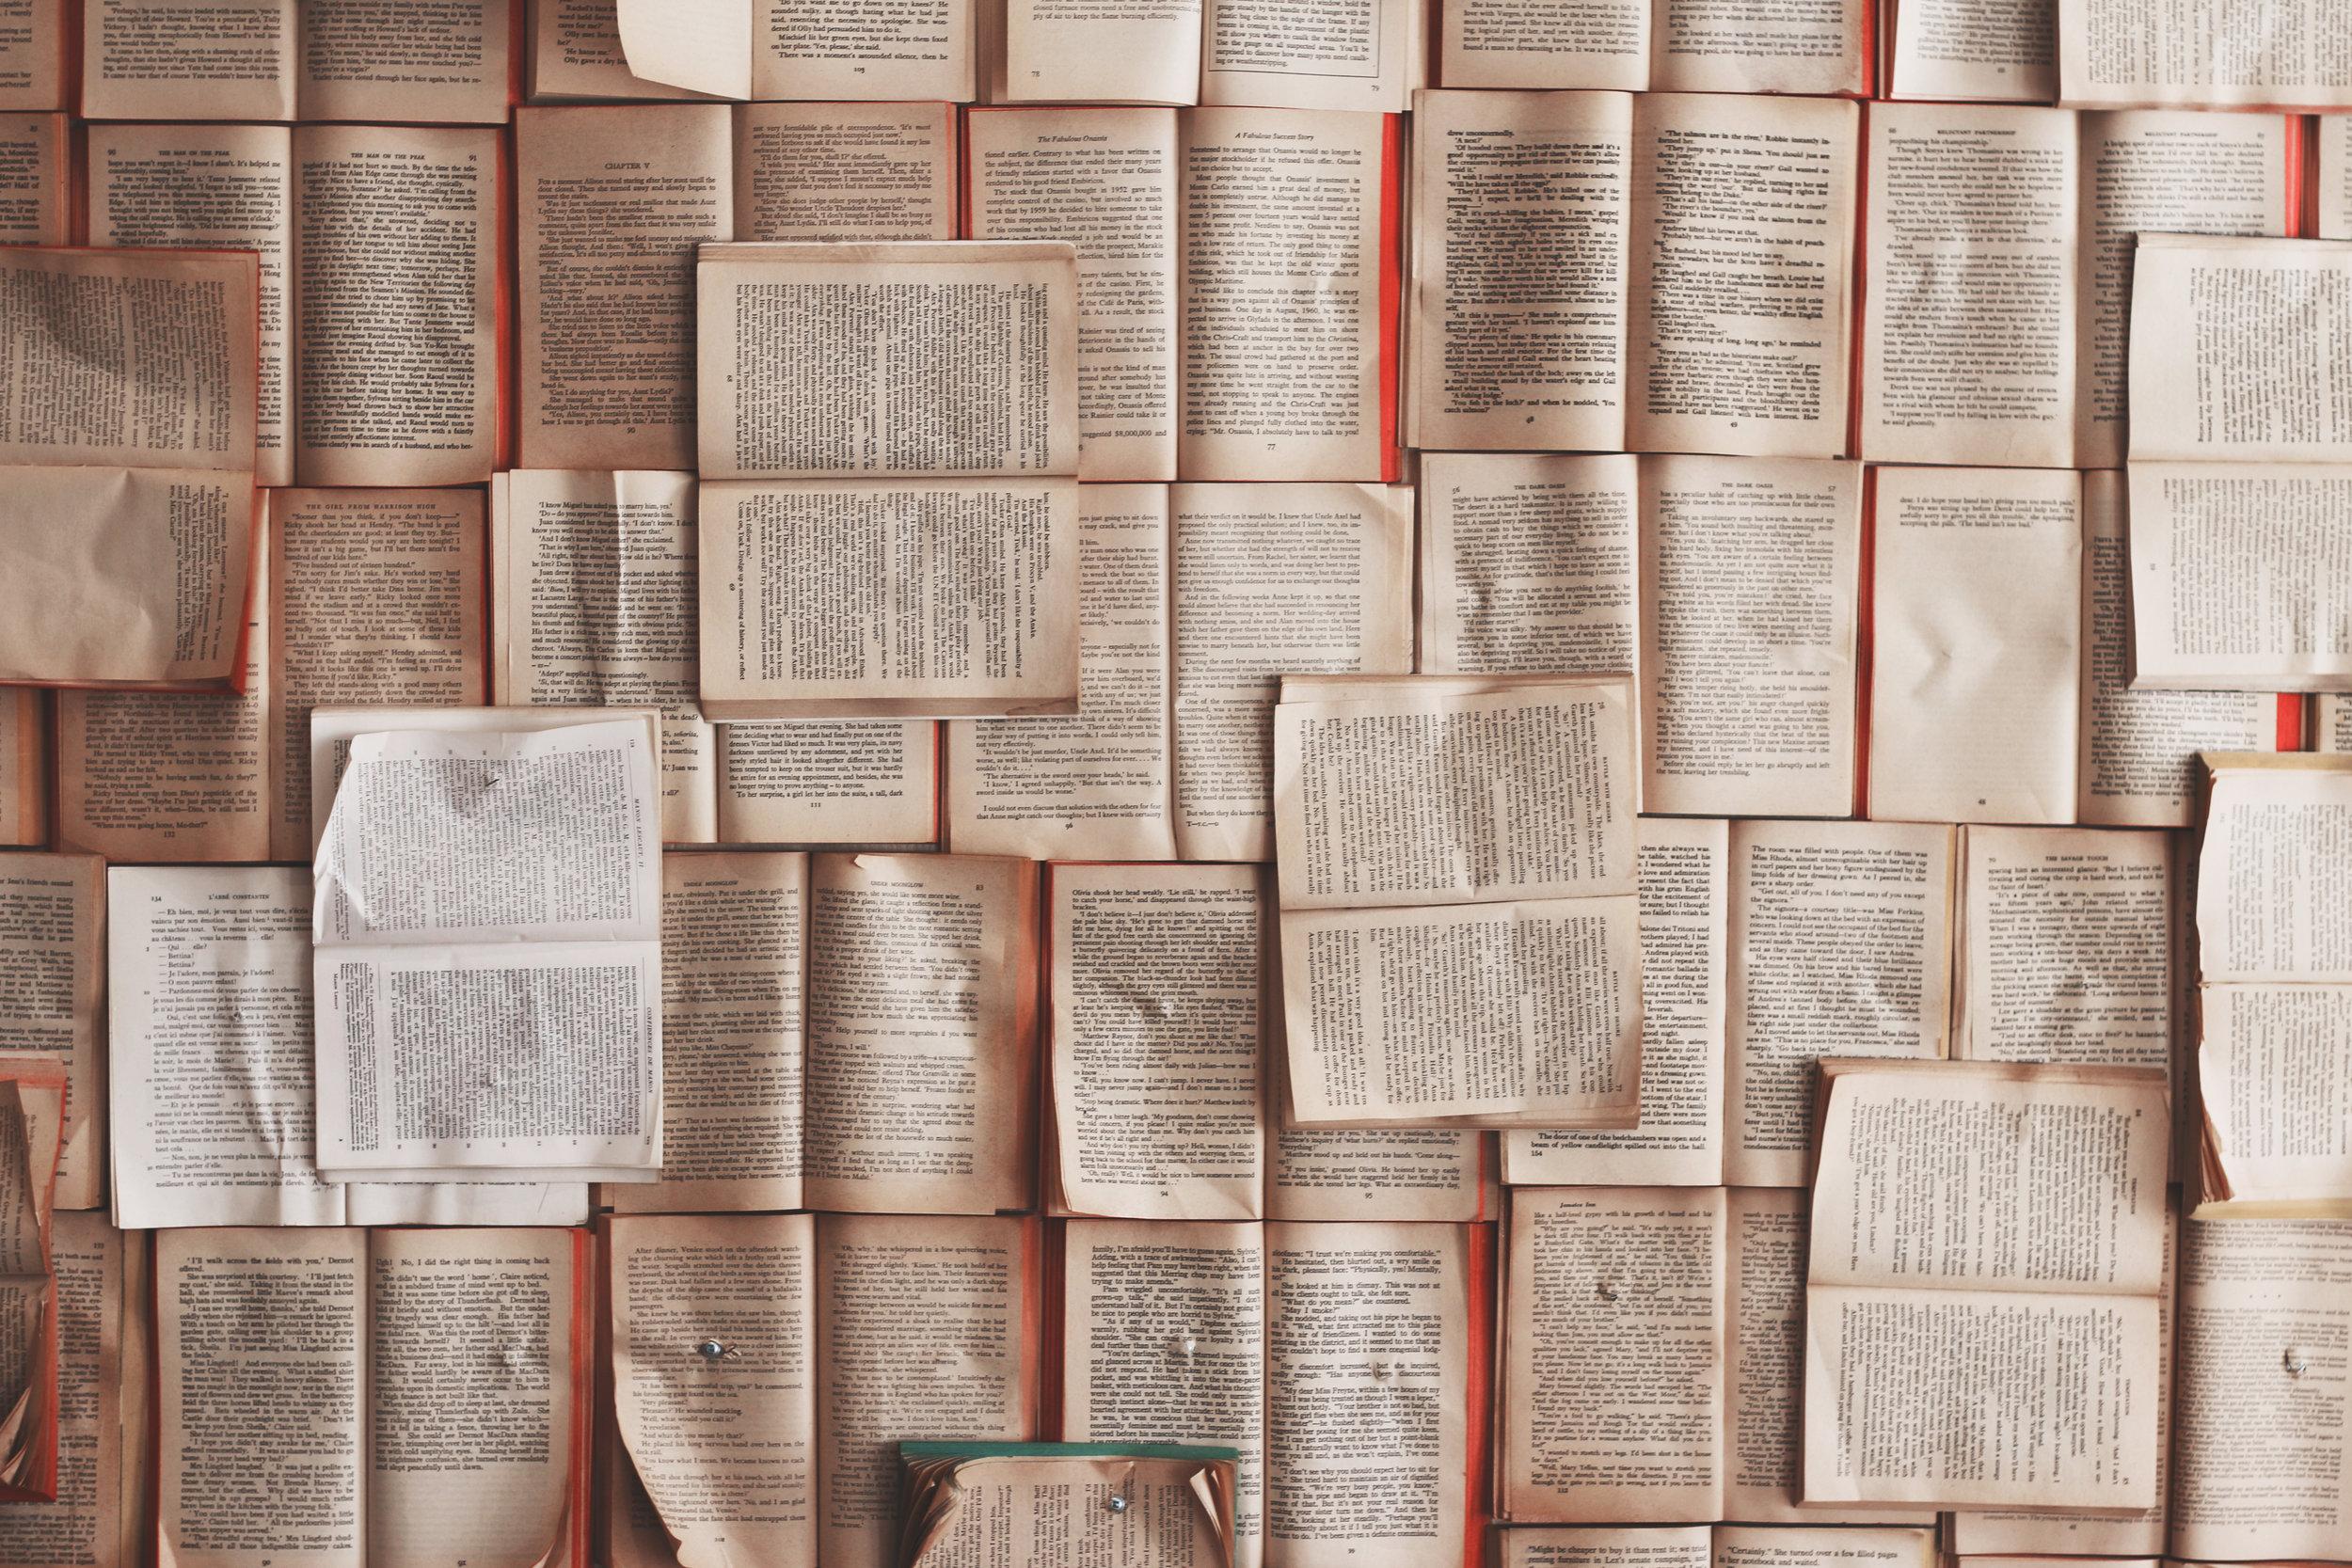 La maitrise de la langue doit passer par la maitrise du vocabulaire, tant dans sa dimension compréhension que production, tant à l'oral qu'à l'écrit. - Debeurme et Lévesque (2014)